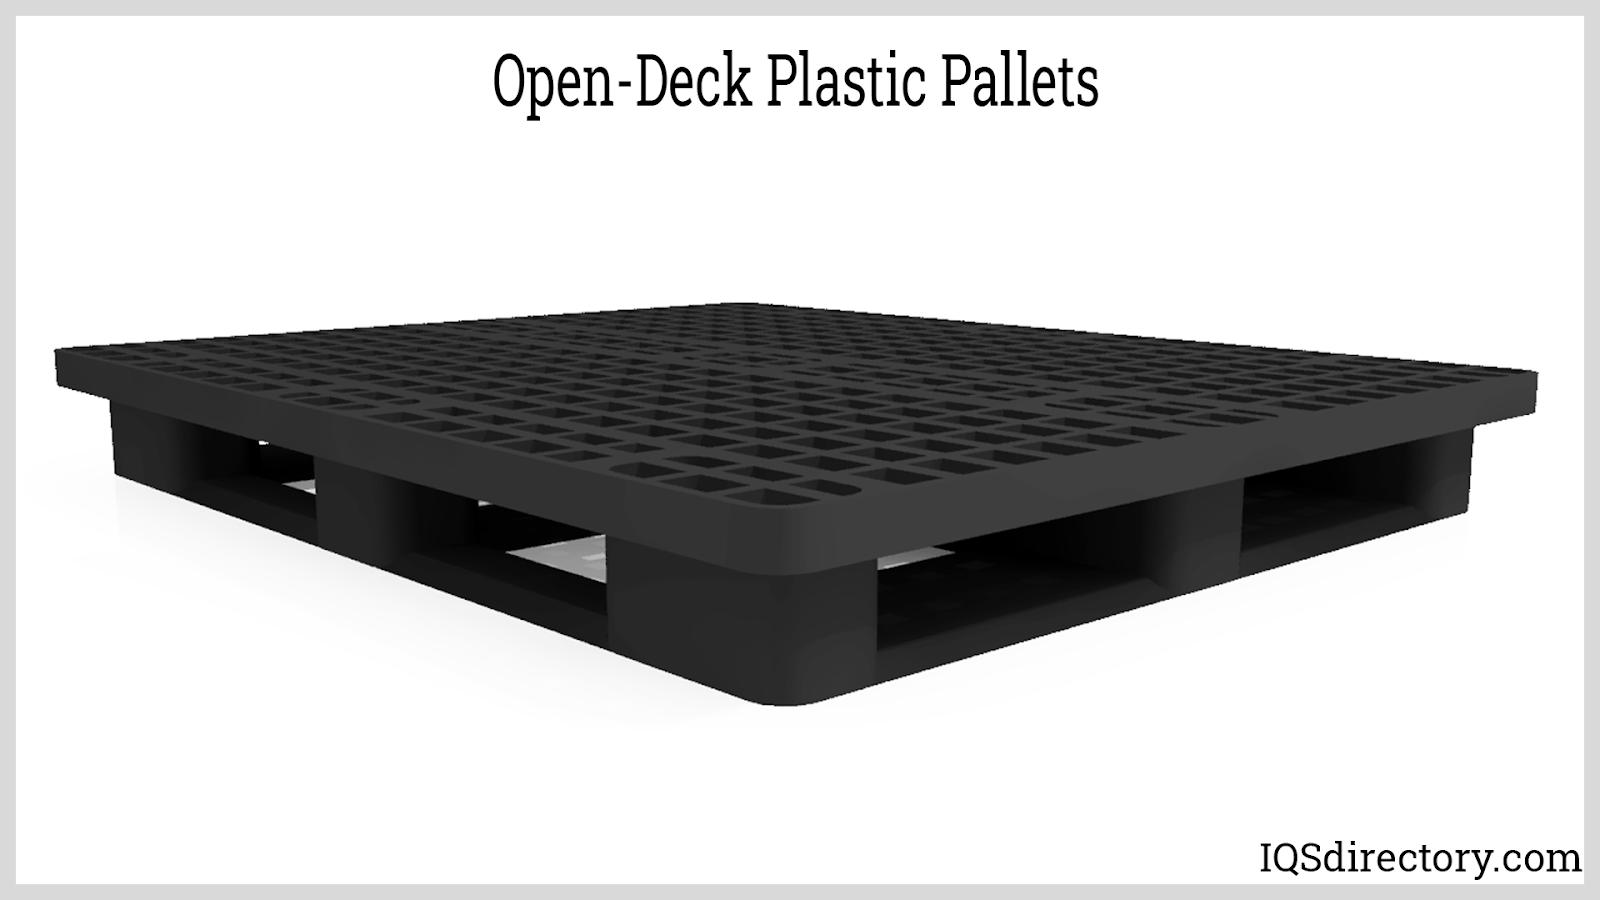 Open-Deck Plastic Pallets